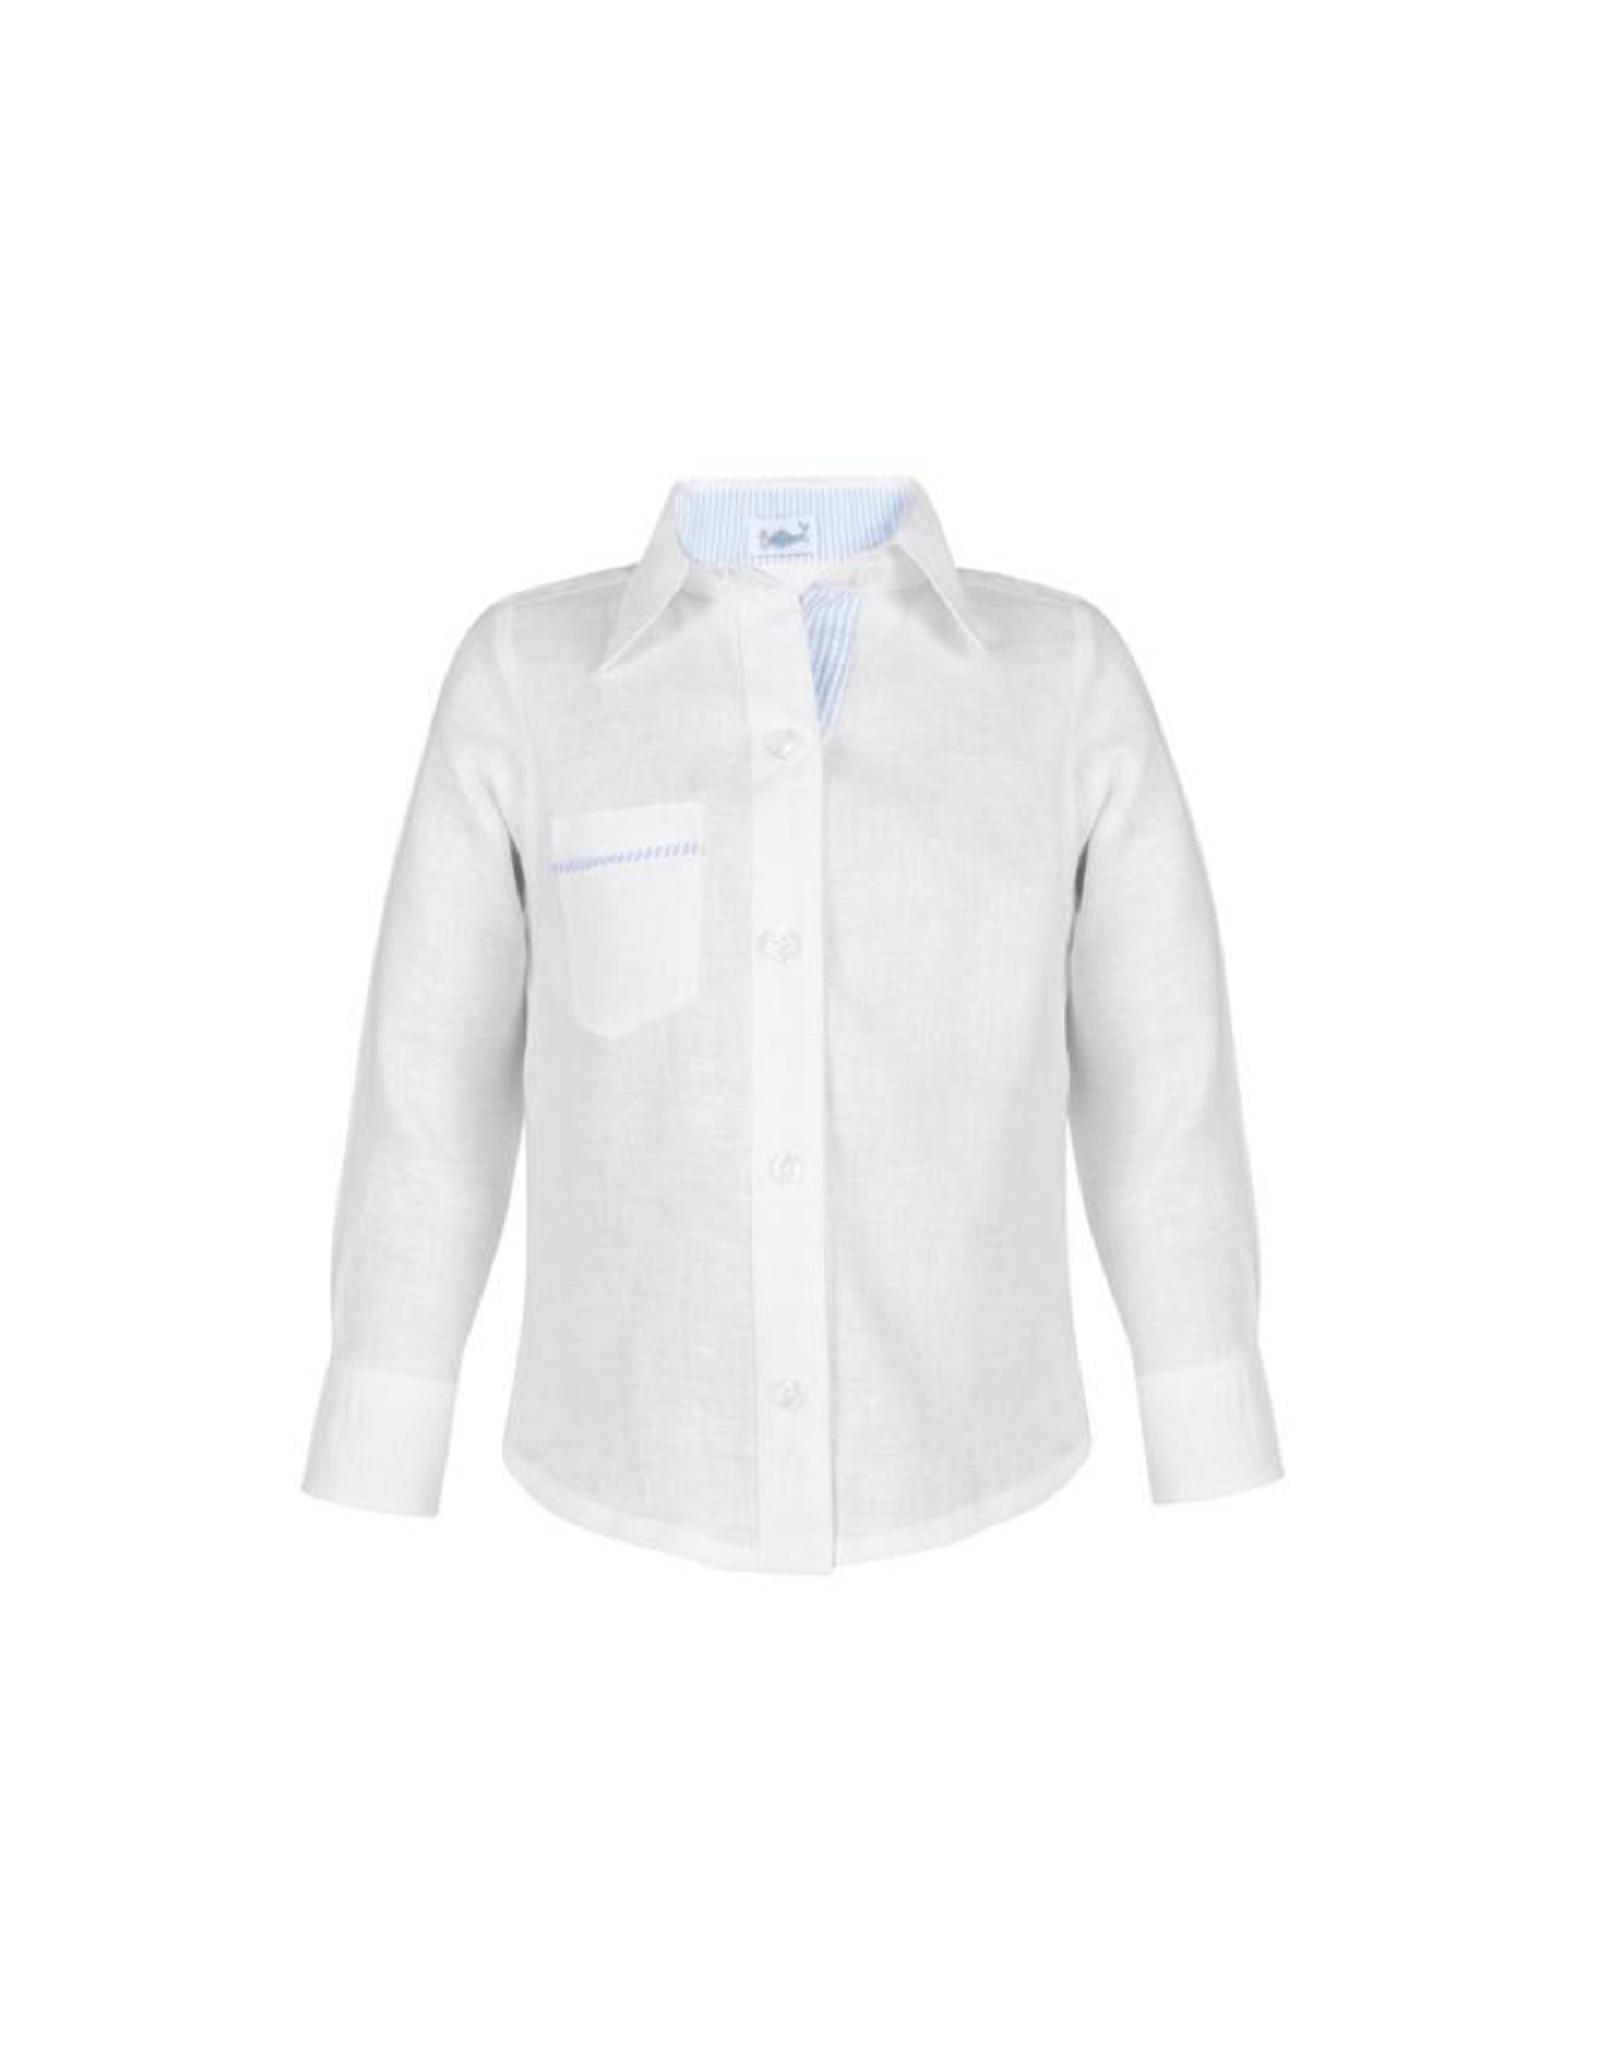 Daniel Boy Shirt White With Blue Stripes